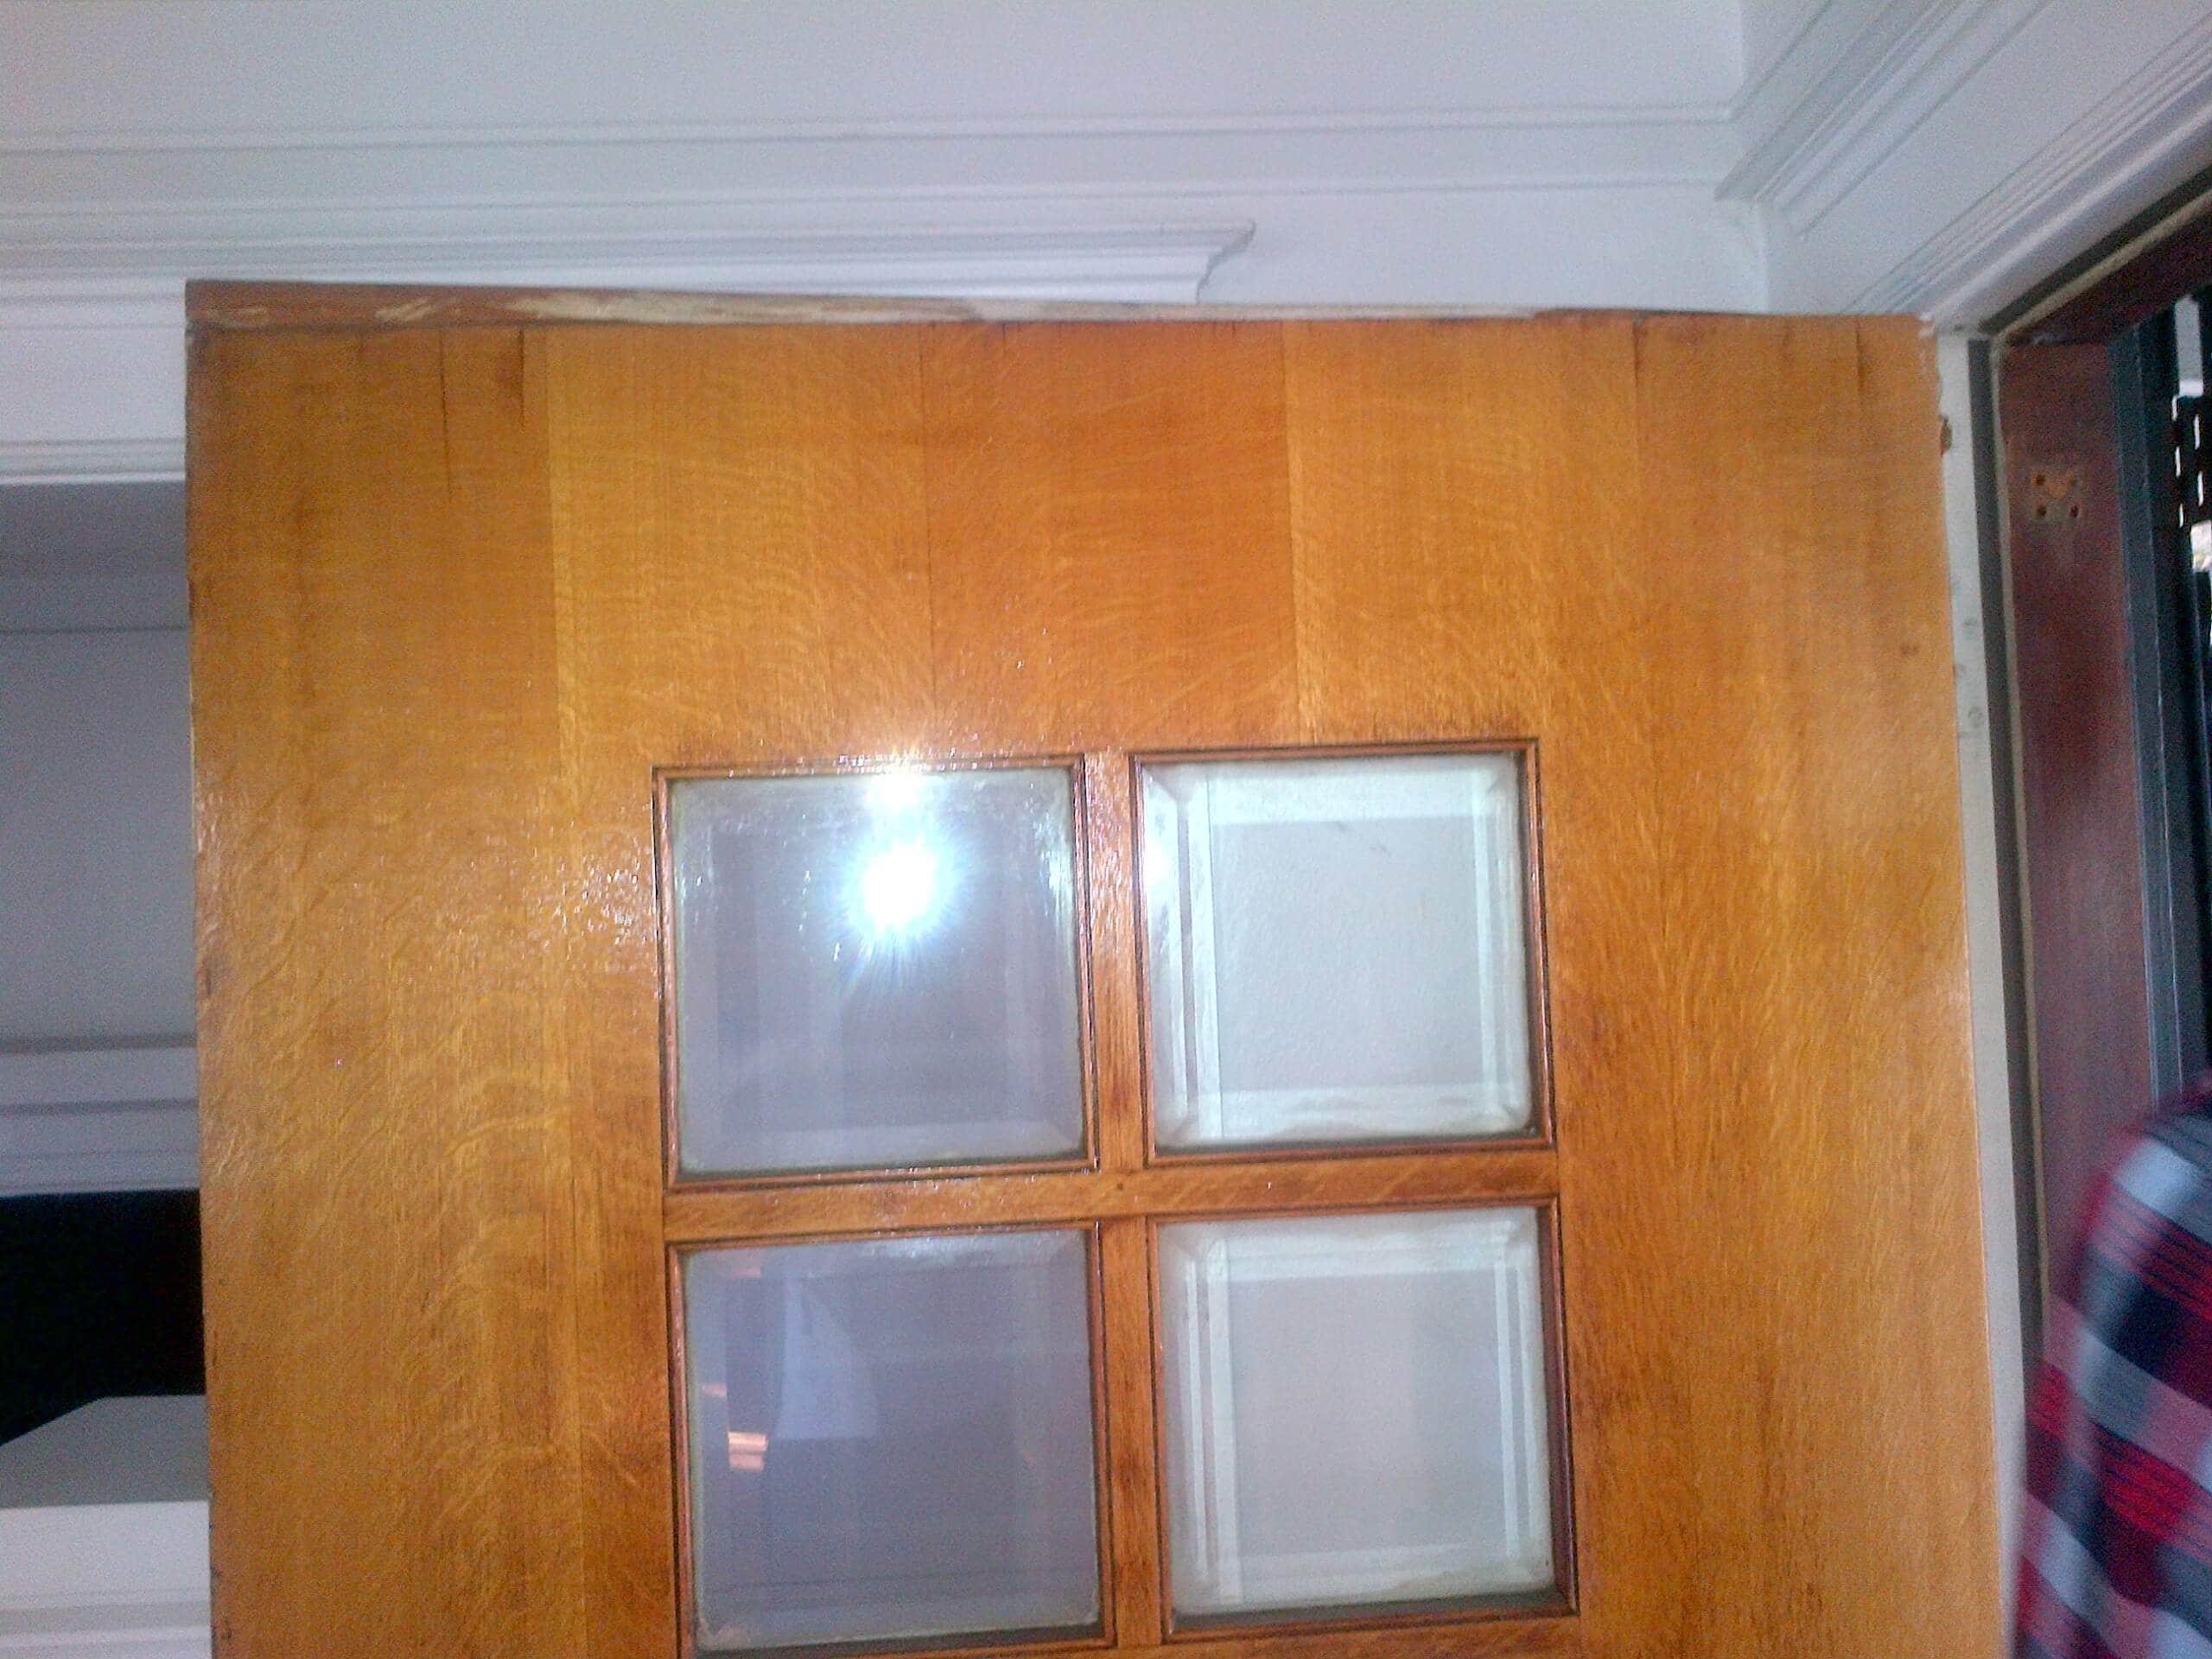 crooked door 2 & crooked door 2 - James Campbell